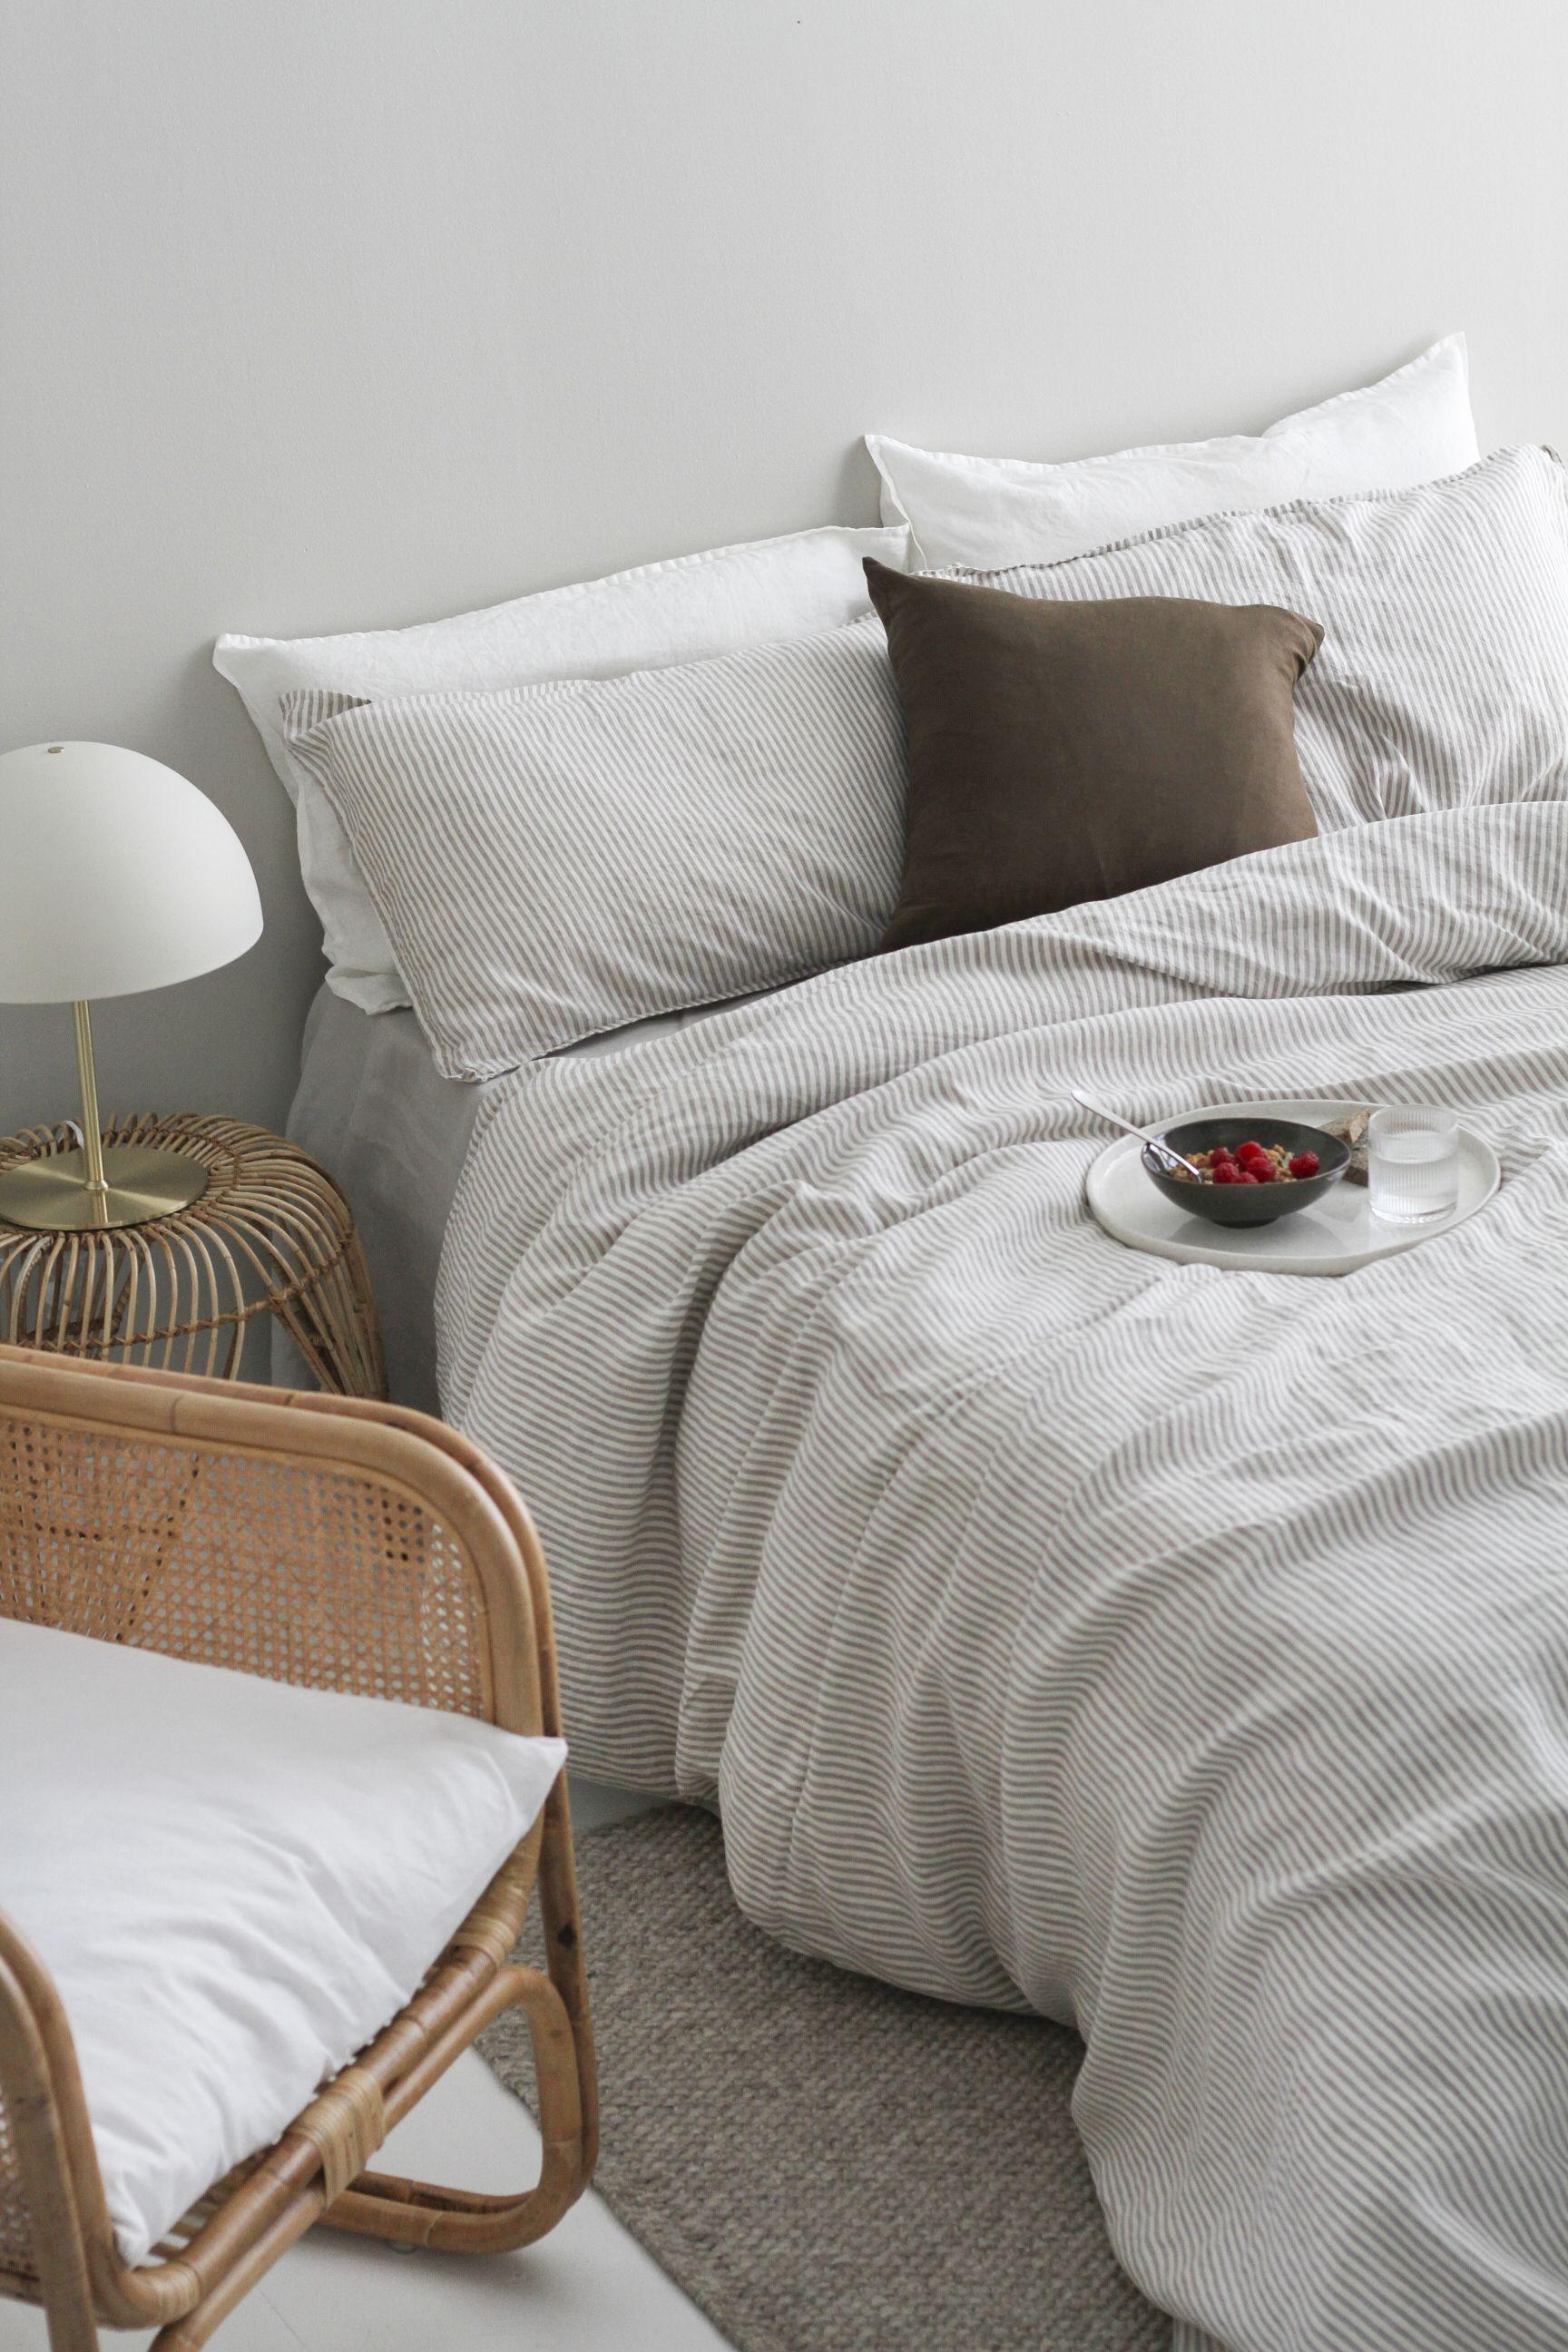 A&C Flax Linen Duvet Cover Stripe Grey Linen duvet